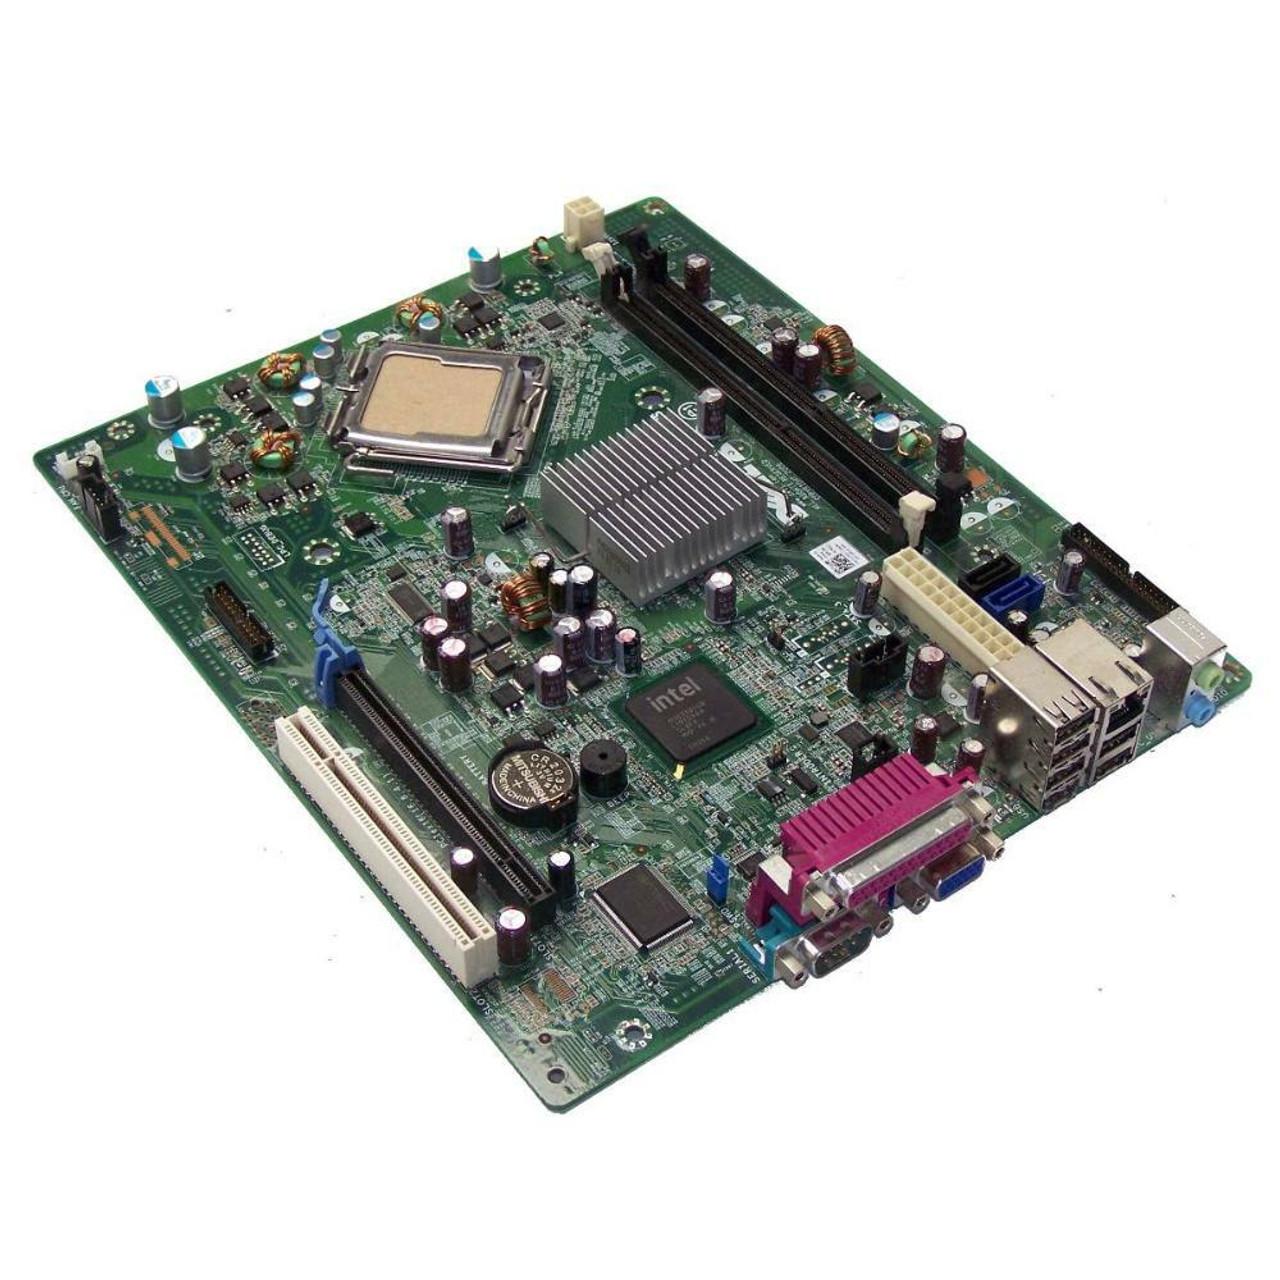 Dell Optiplex 380 Motherboard Small Form Factor R64DJ